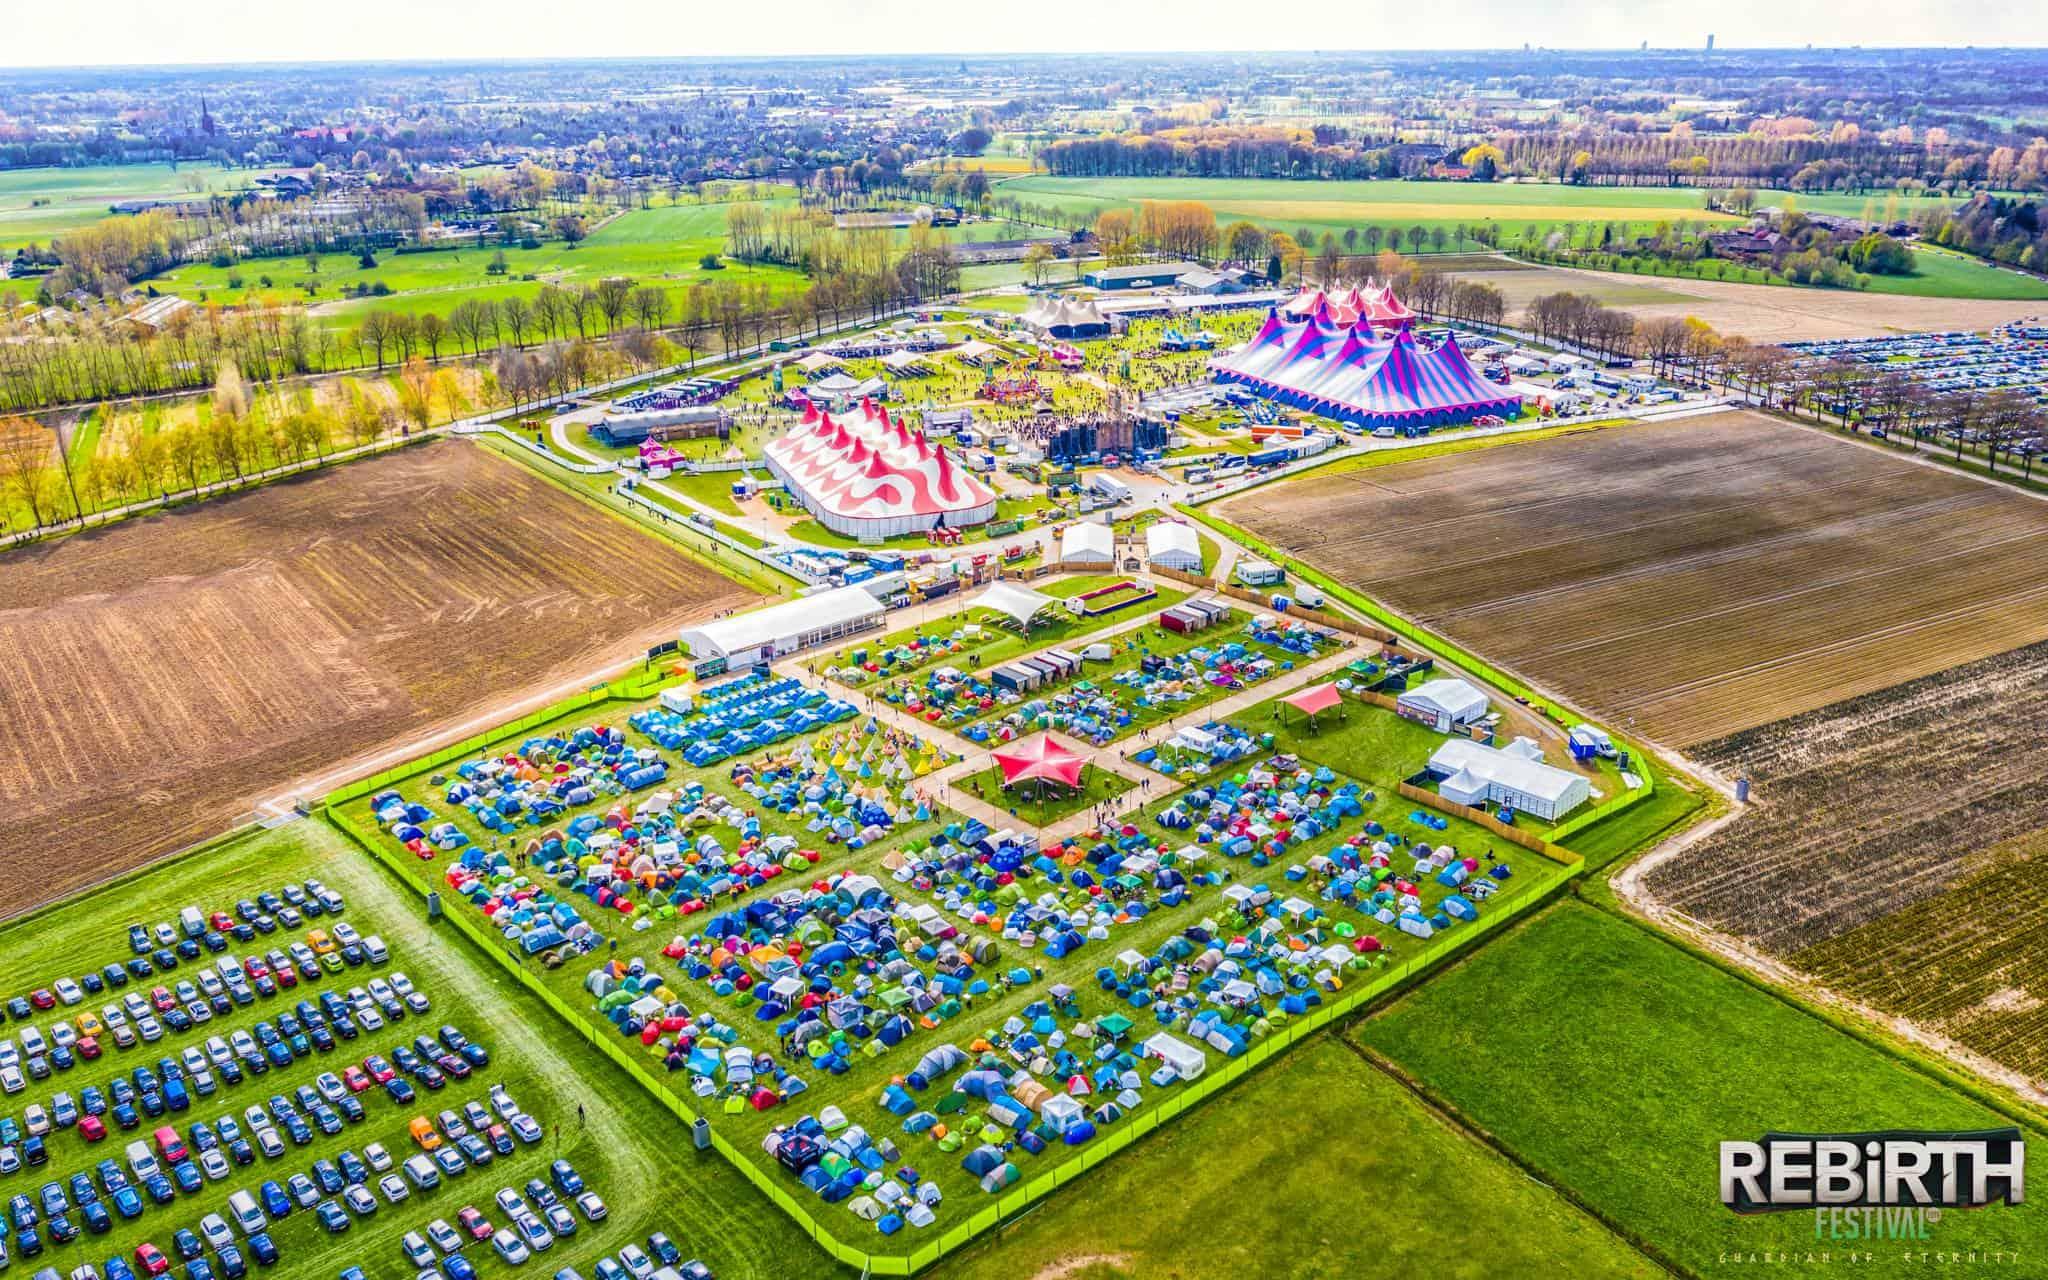 Rebirth Festival Camping